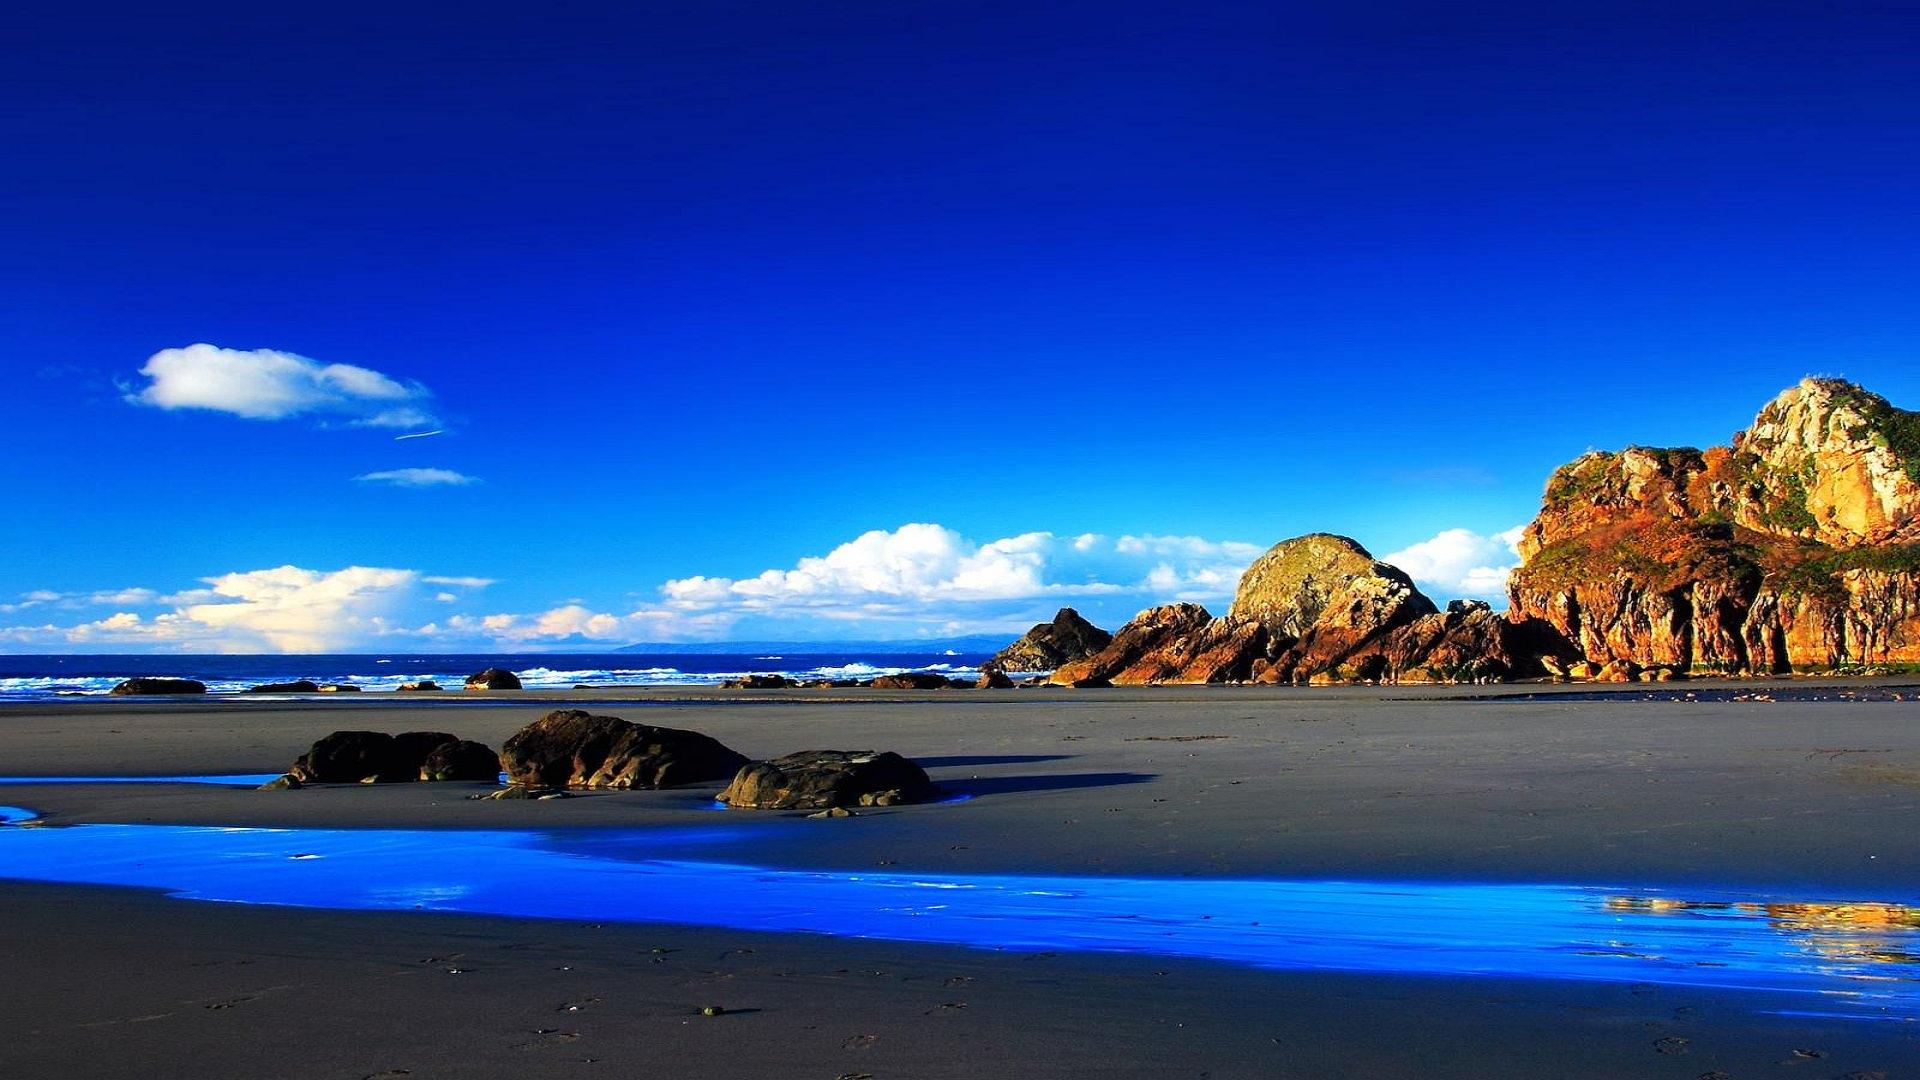 Чёрный песок и голубой океан пляж песок море вода